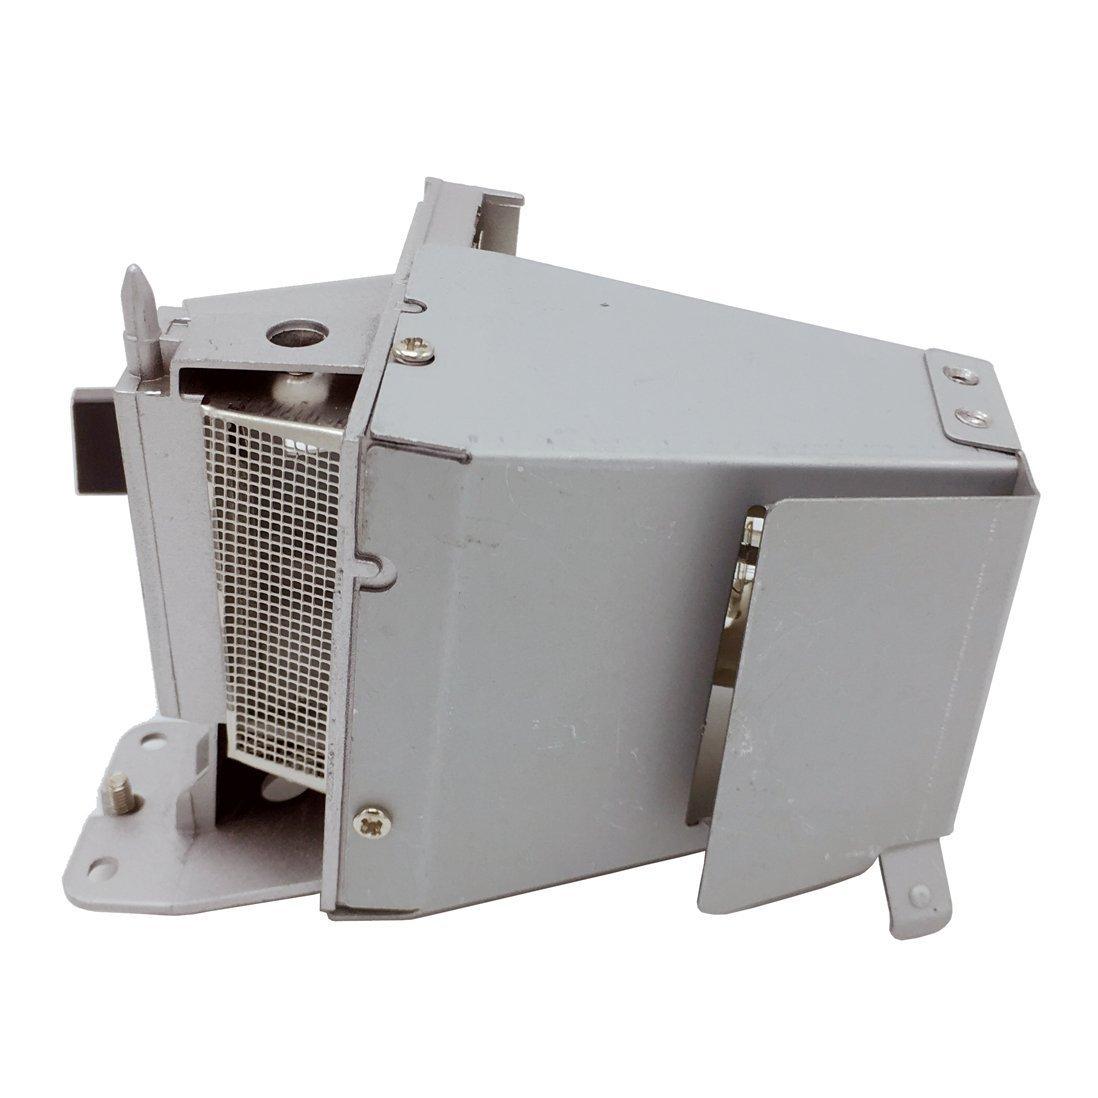 ENET Ruedas Delanteras para iRobot Roomba 500 600 700 800 900 Serie